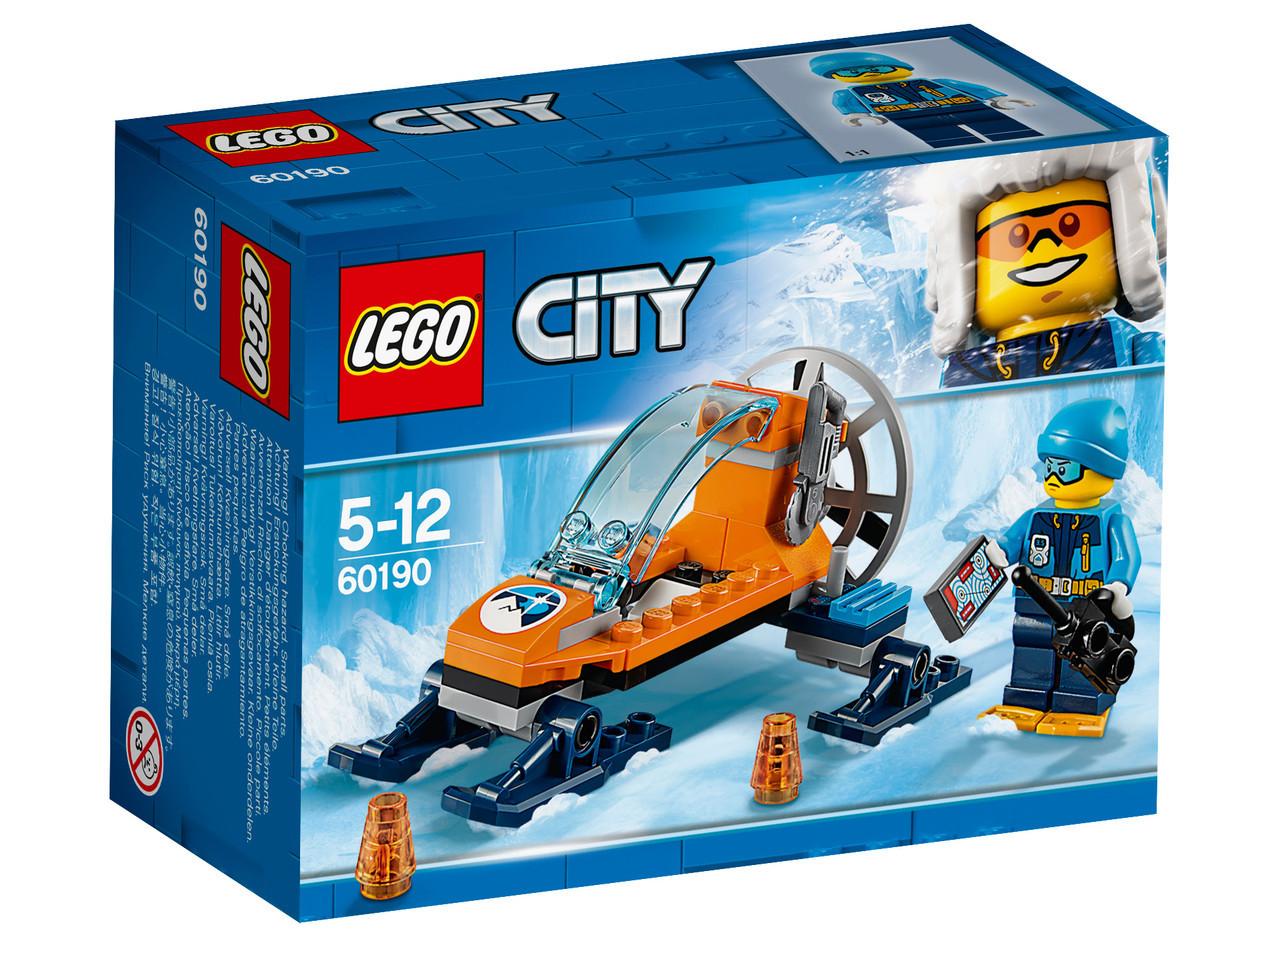 Lego City Арктическая экспедиция: Аэросани 60190